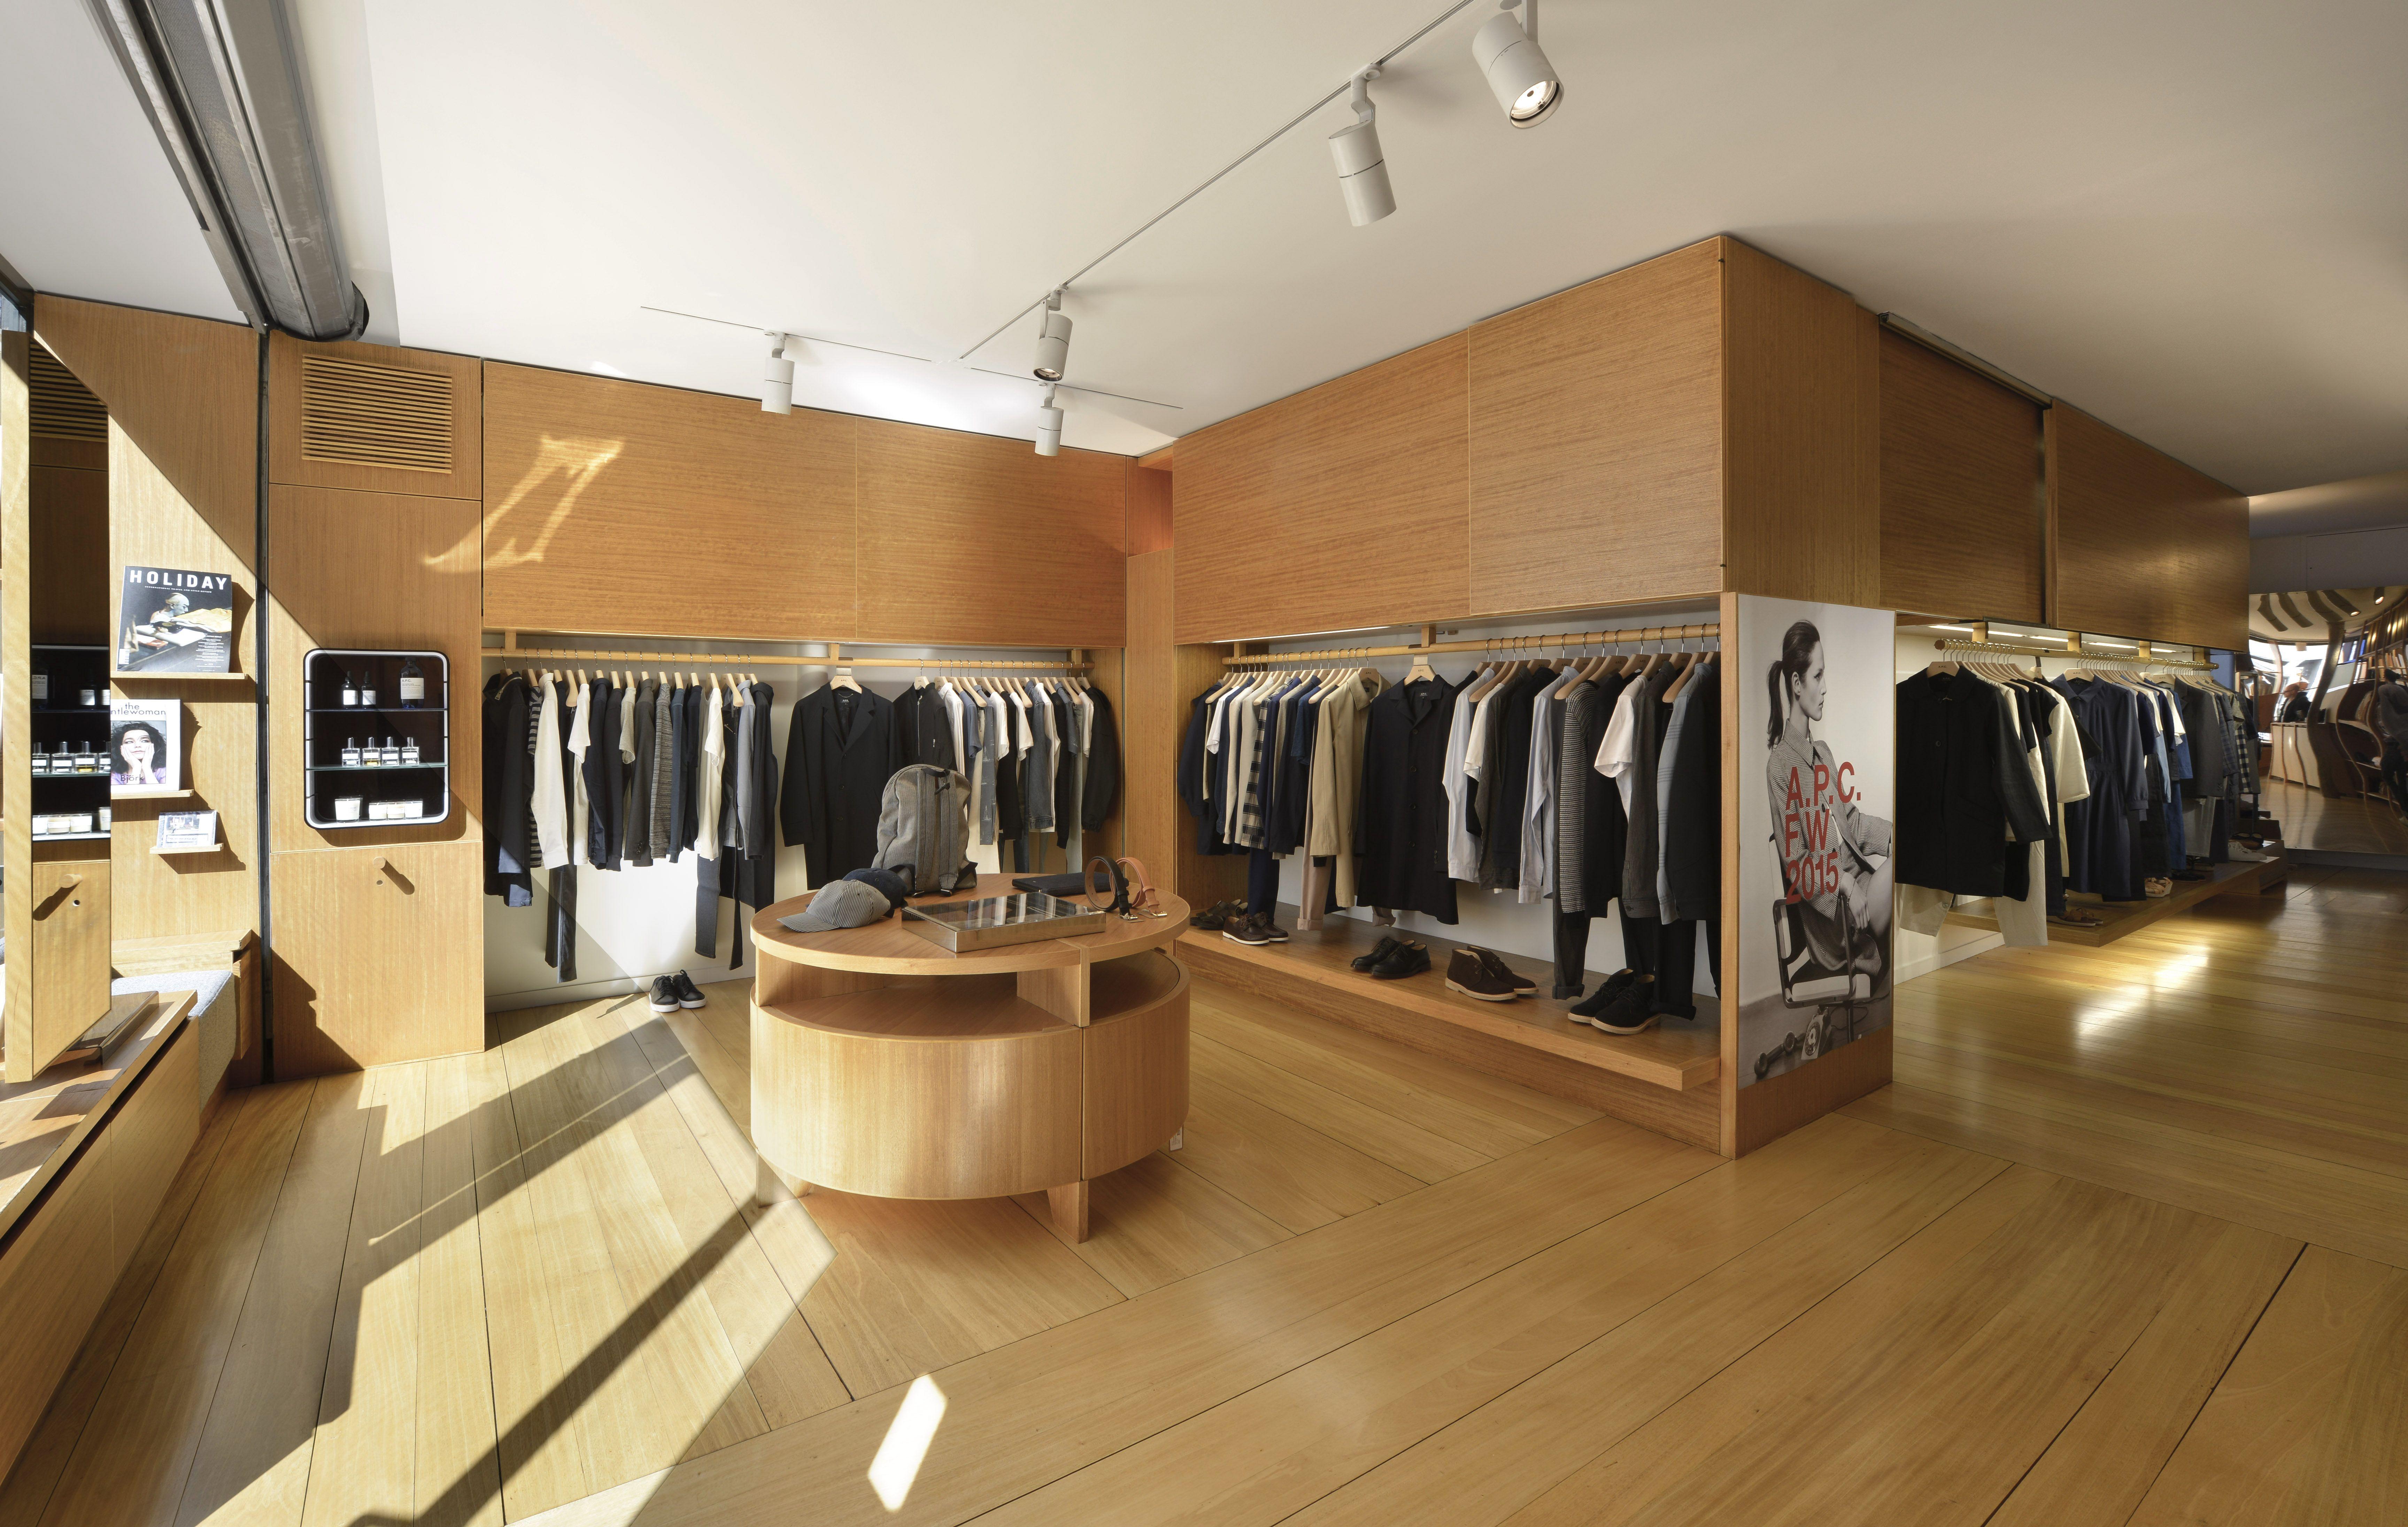 a p c rue de marseille store in paris p a r i s france. Black Bedroom Furniture Sets. Home Design Ideas